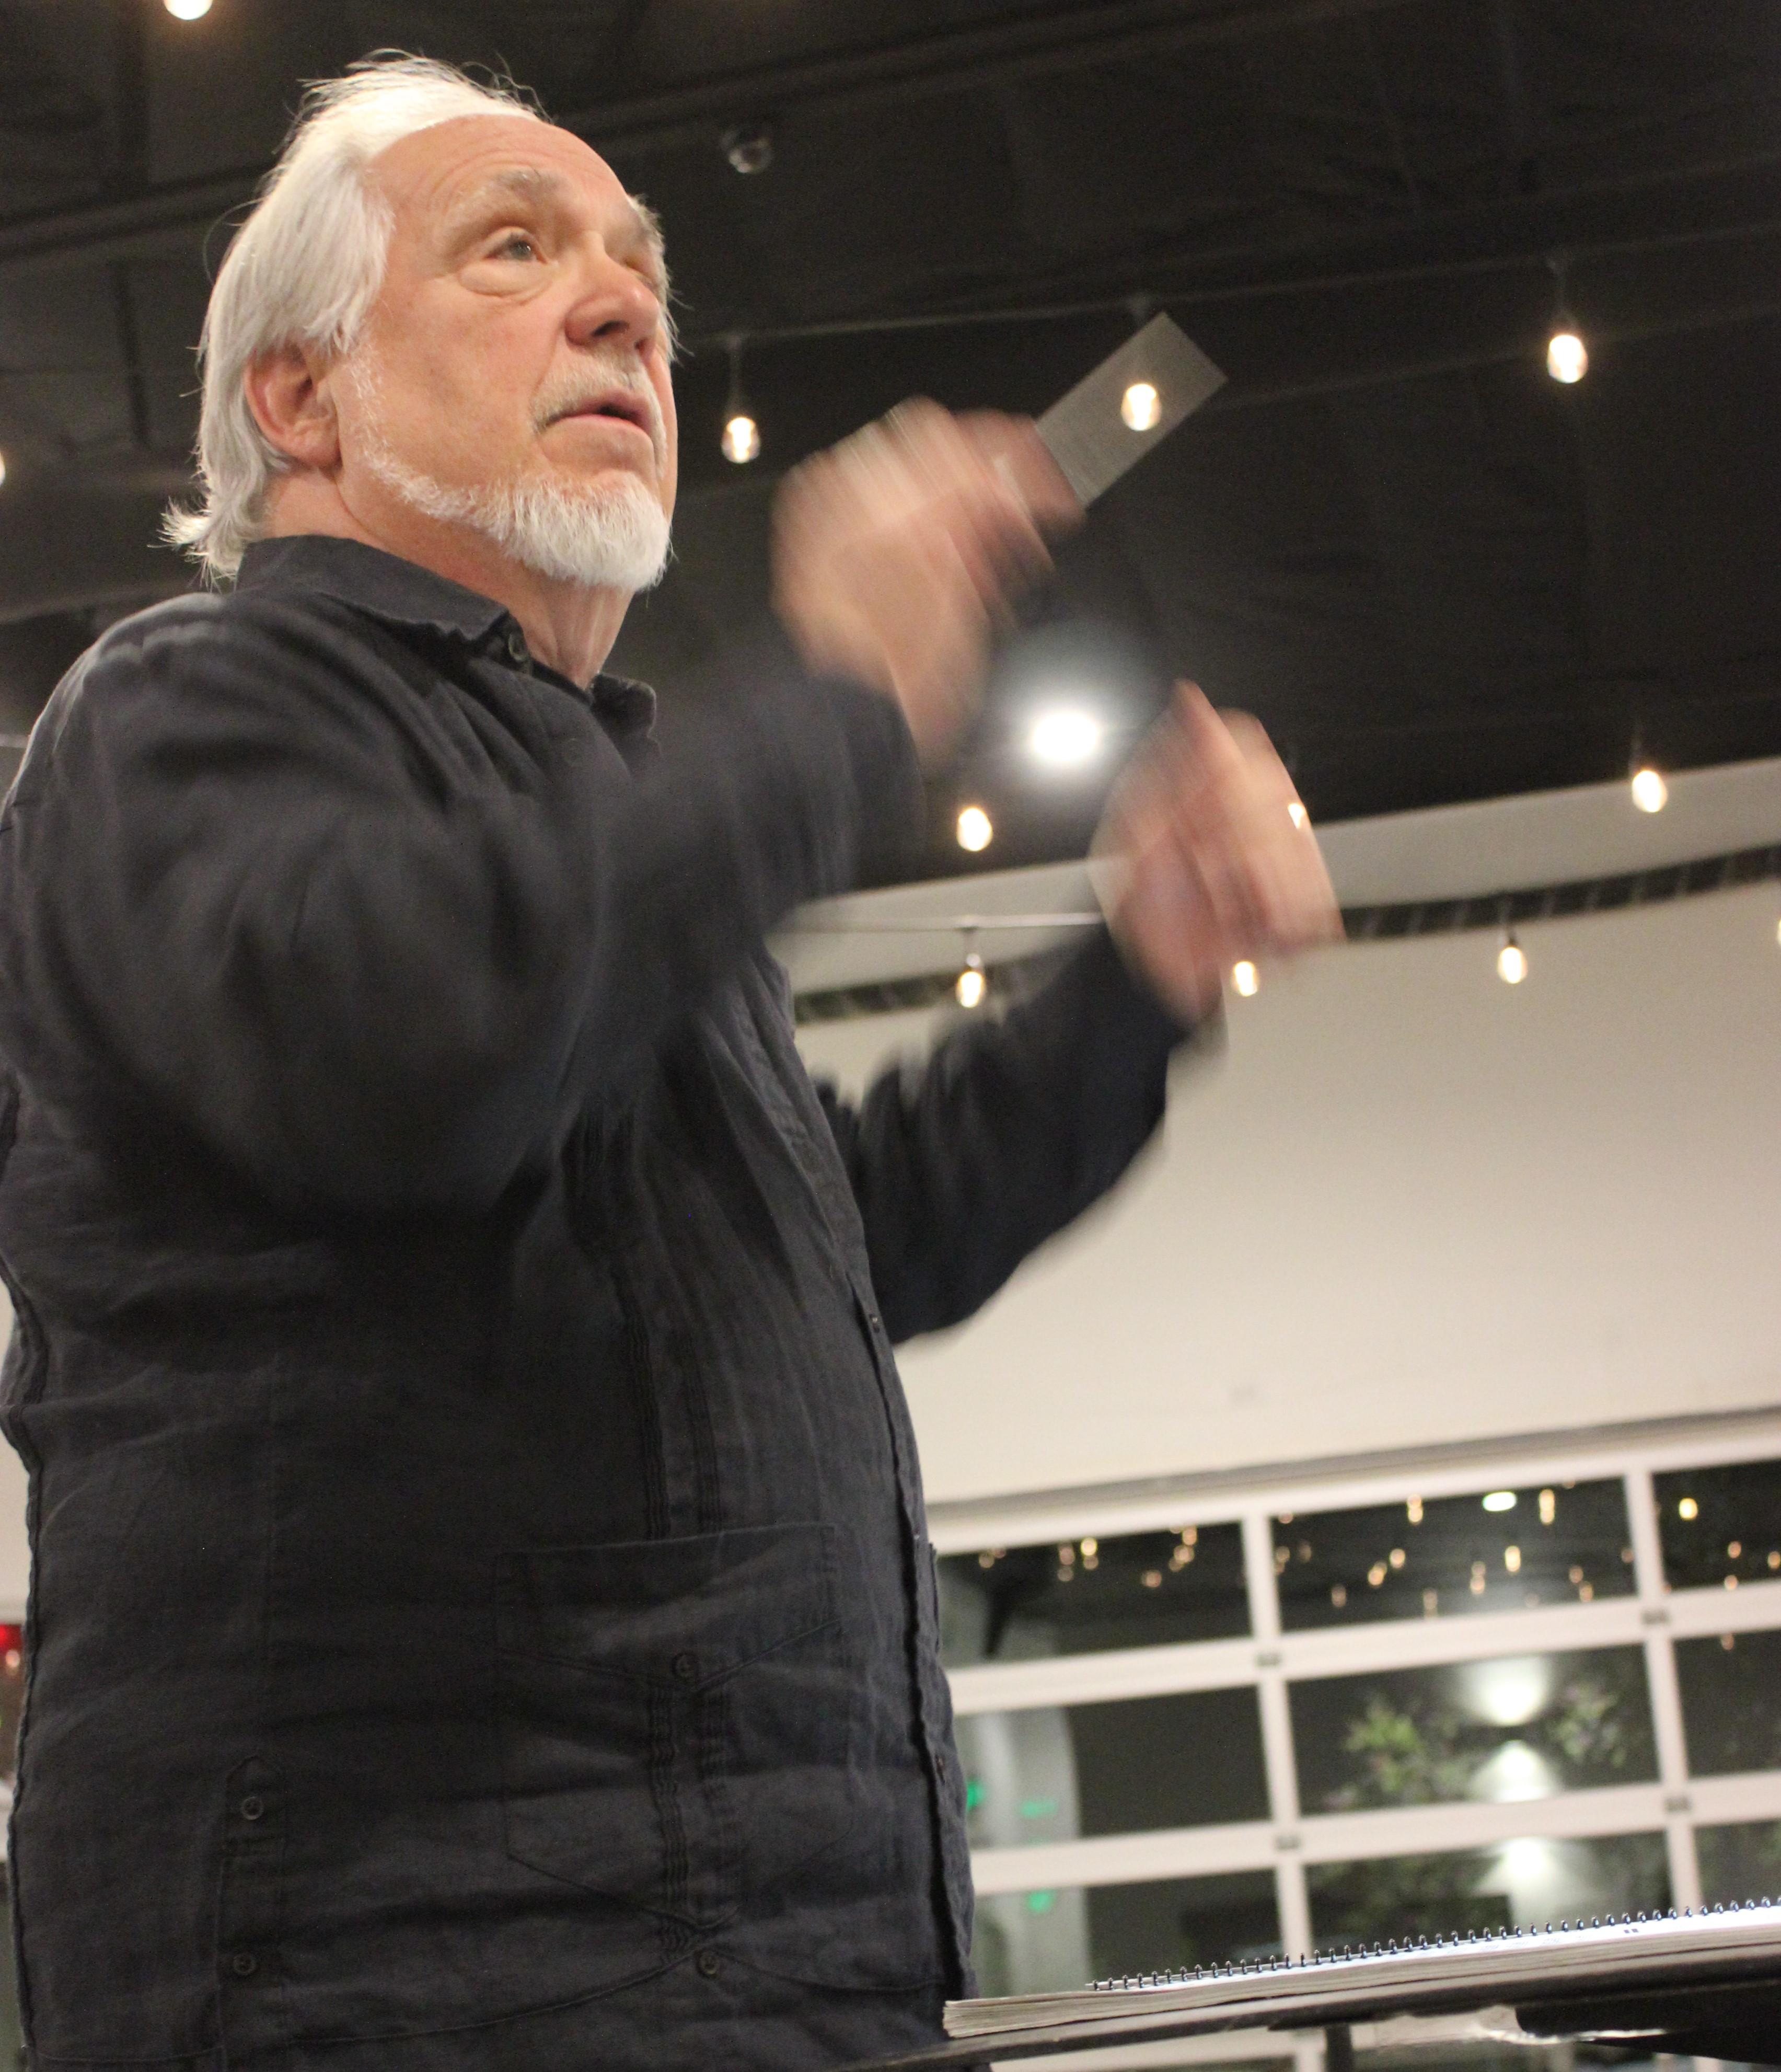 Maestro David Chase